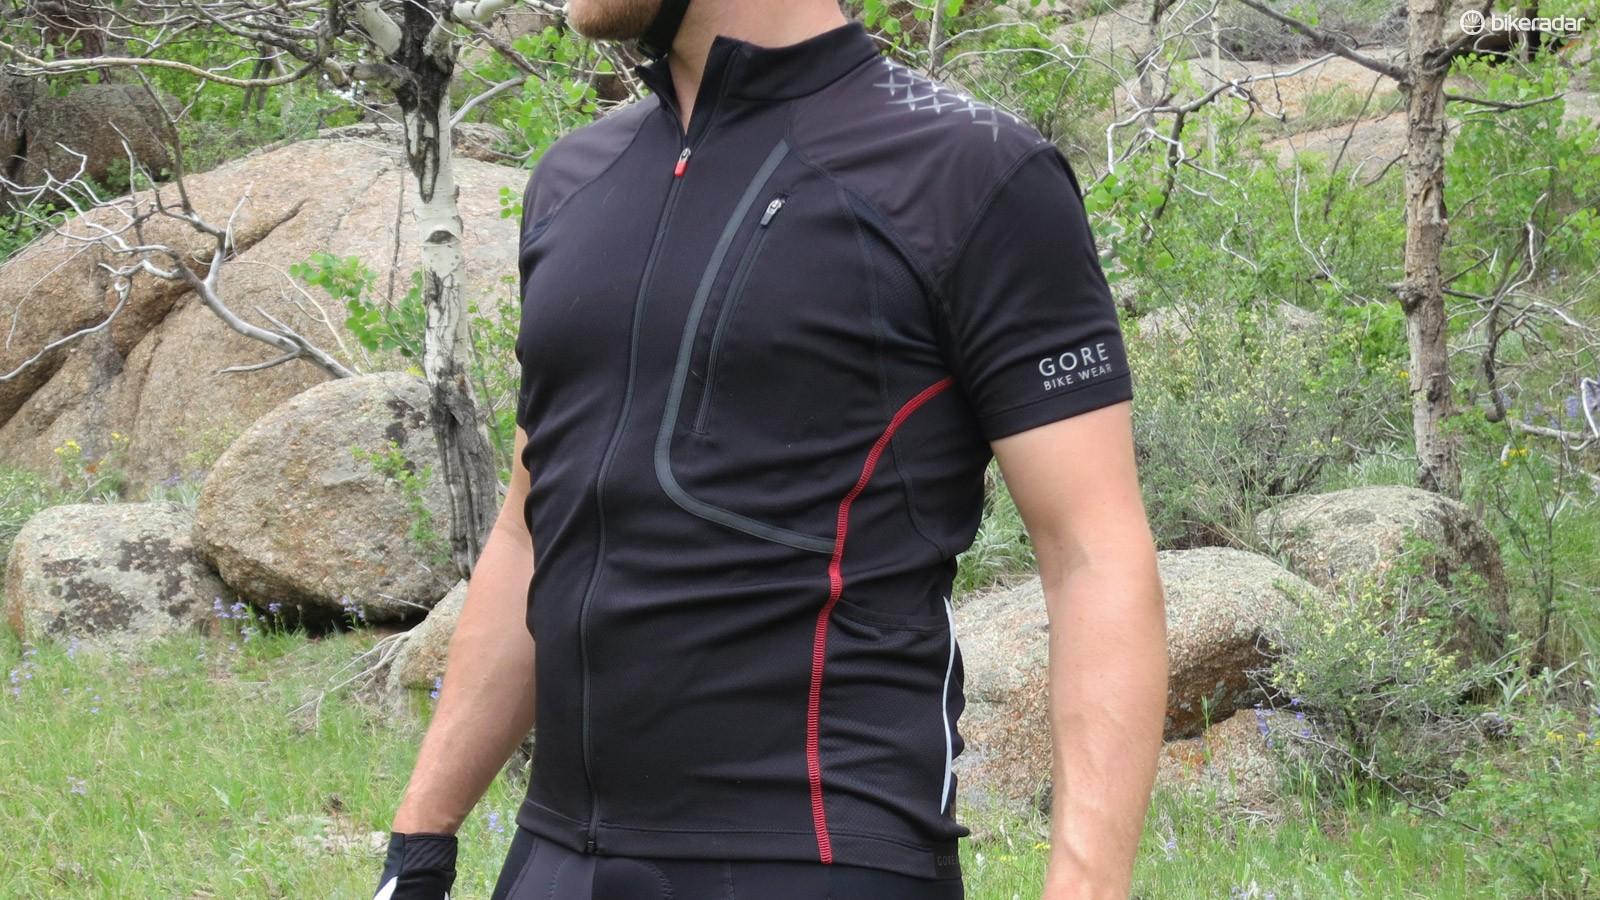 Gore's ALP-X 3.0 jersey